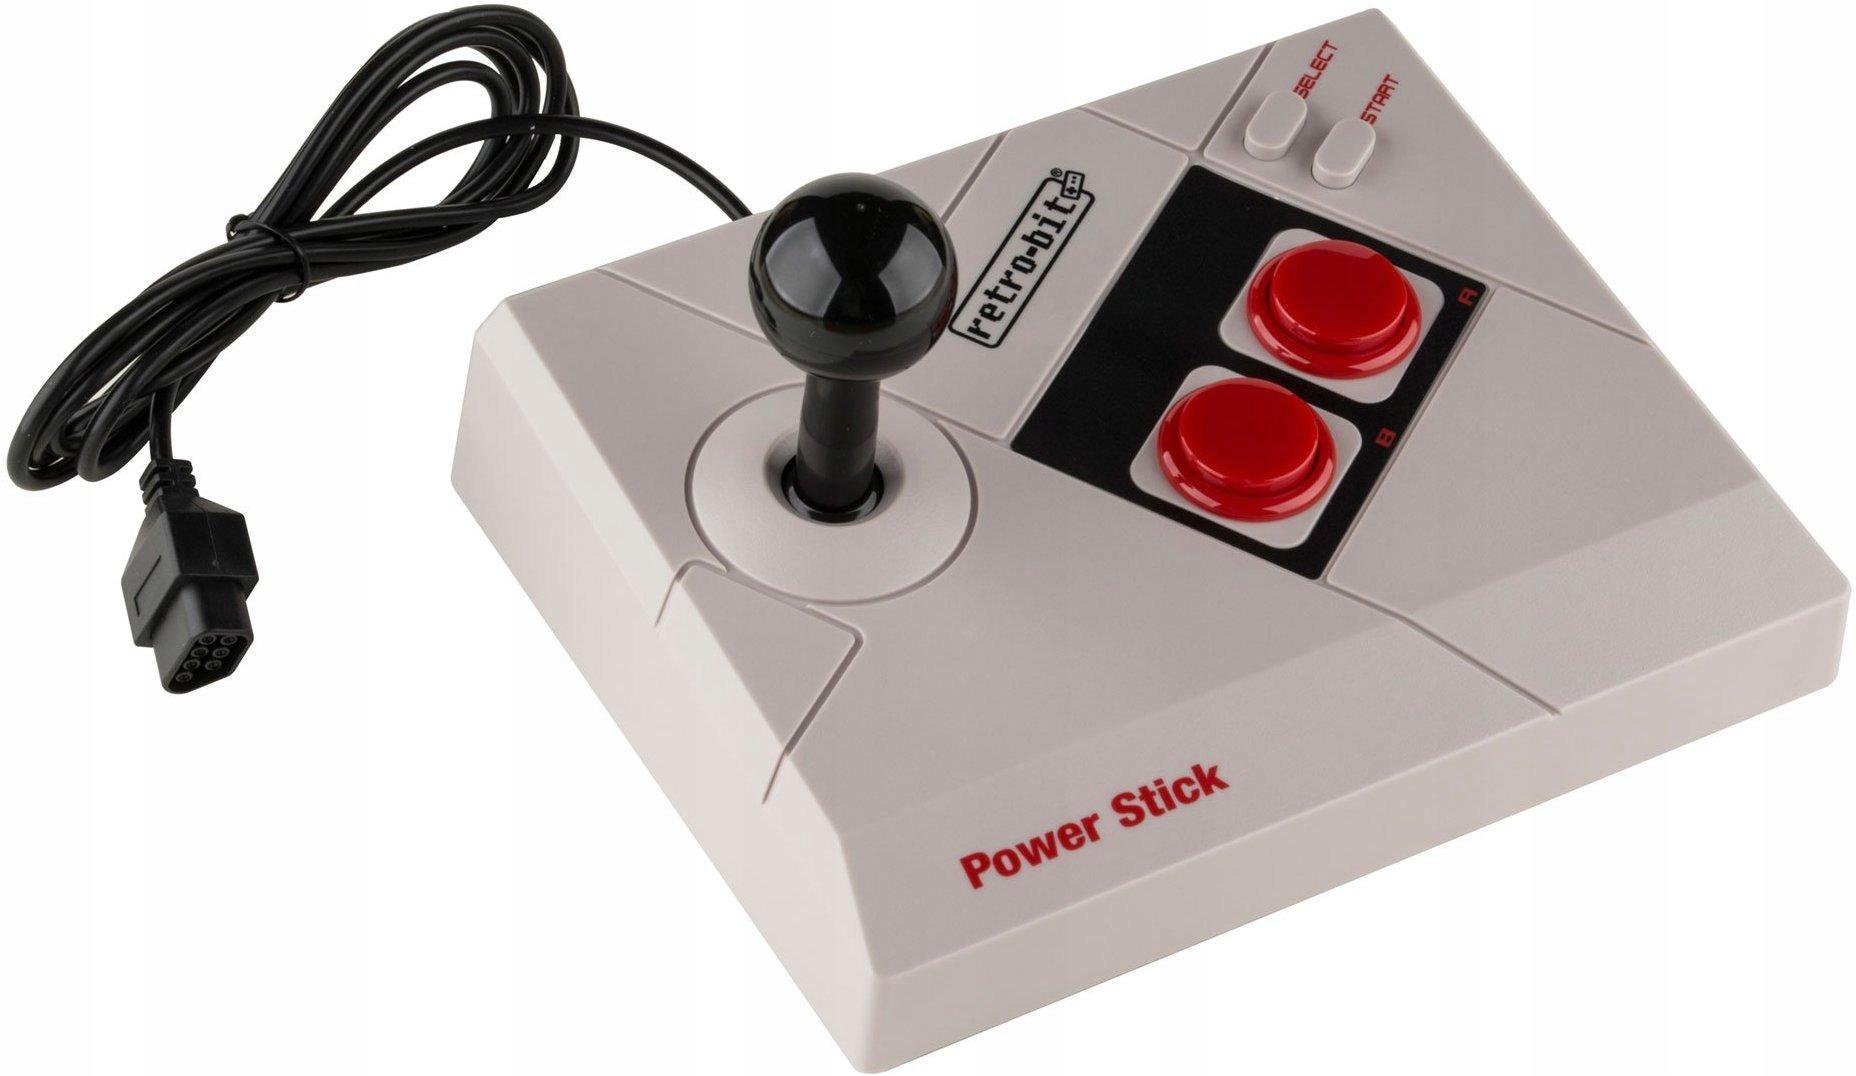 Retro-bitový Výkon Stick ako NES Výhodou FV23 24 HODÍN